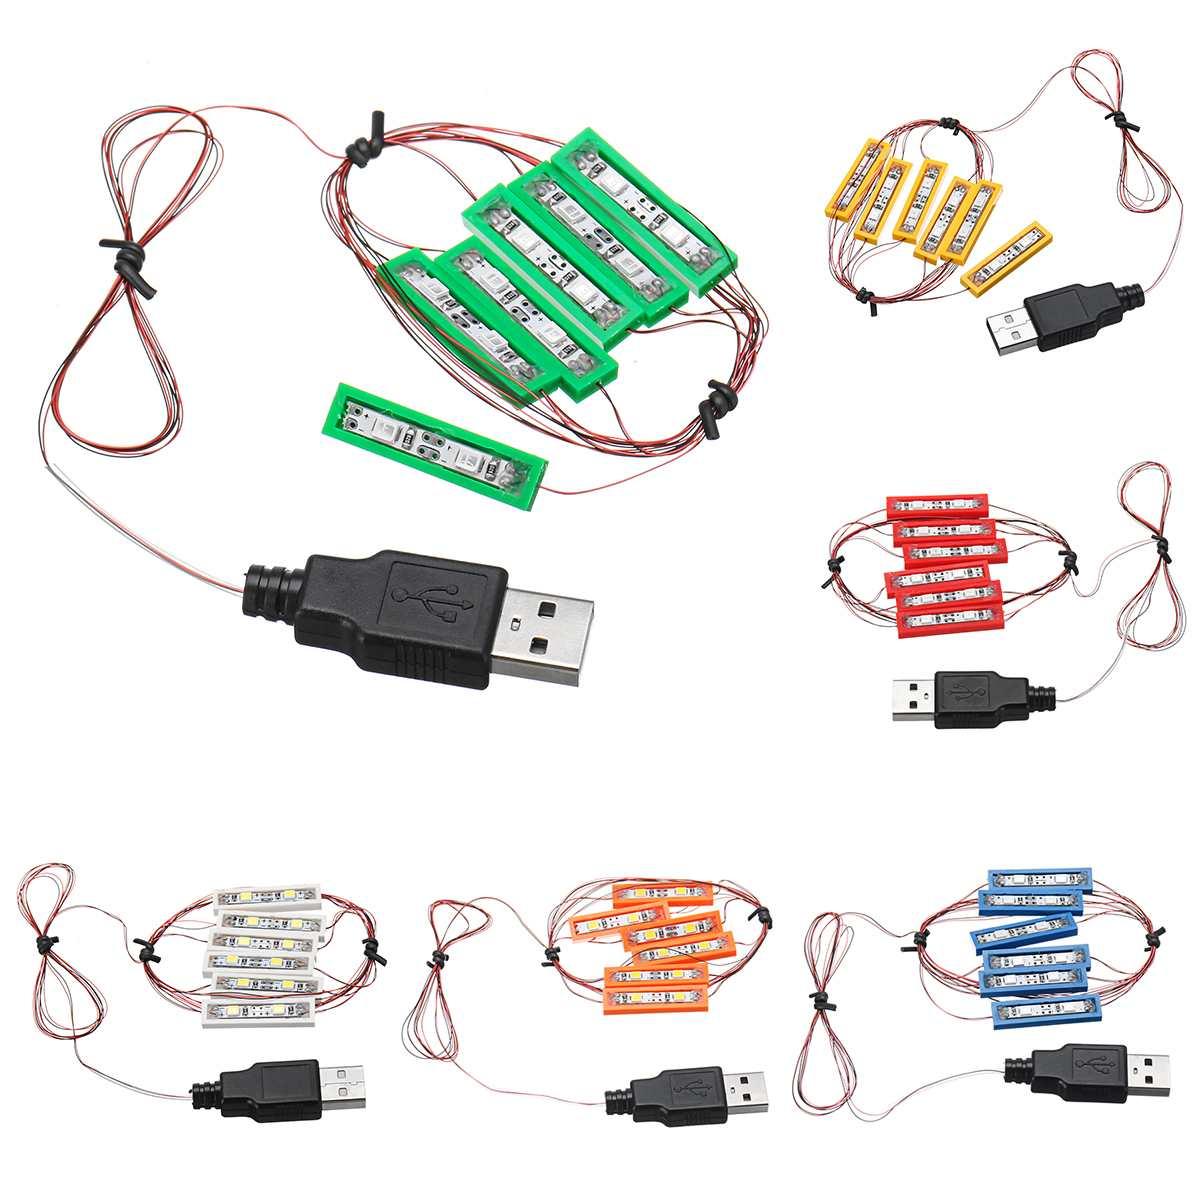 Kit de tijolos diy iluminação led universal para lego moc brinquedo tijolos brinquedo com porta usb 6 kit iluminação cor